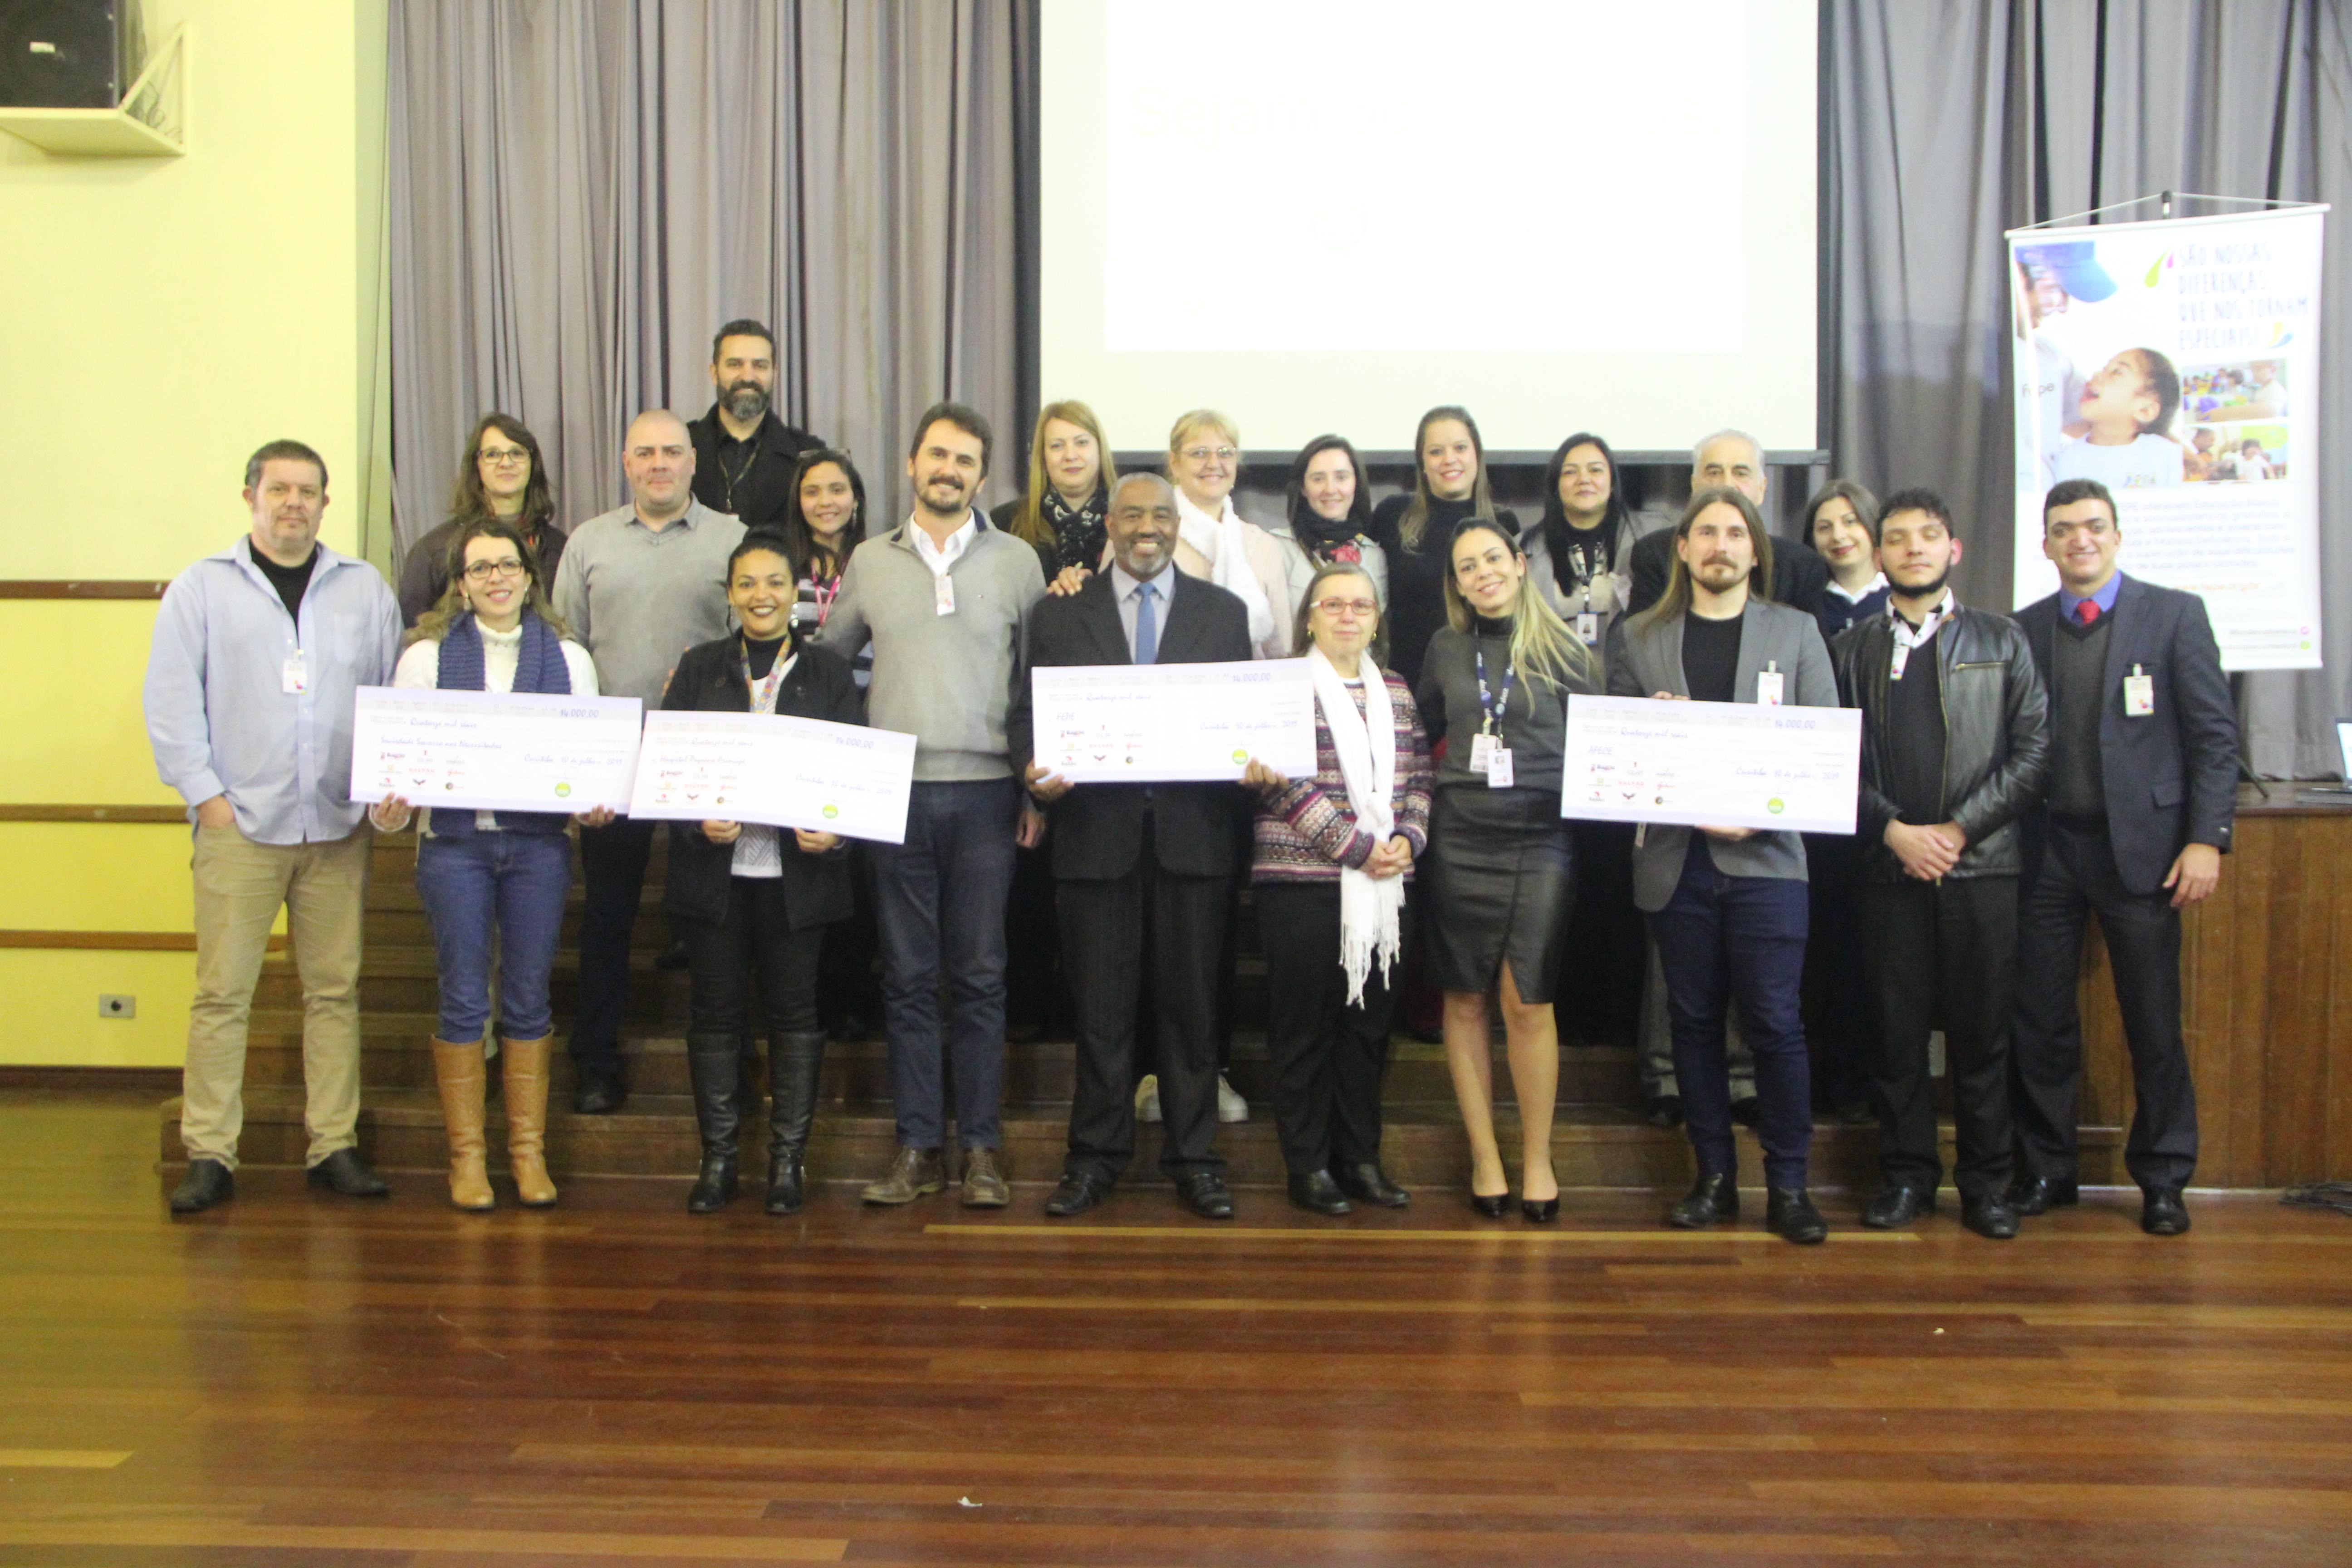 Associação Rede Solidária e os representantes das instituições beneficiadas